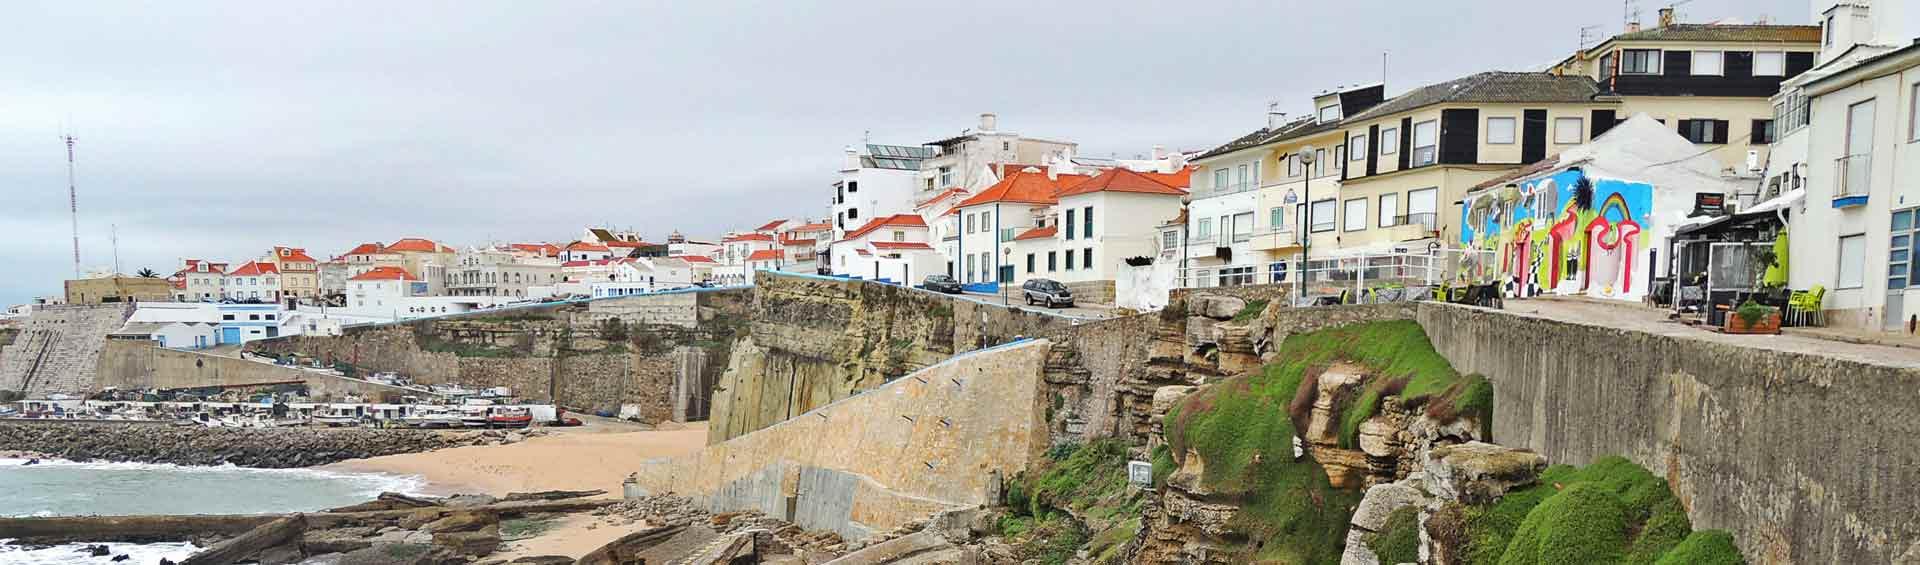 Star Portugal - concierge service in Portugal